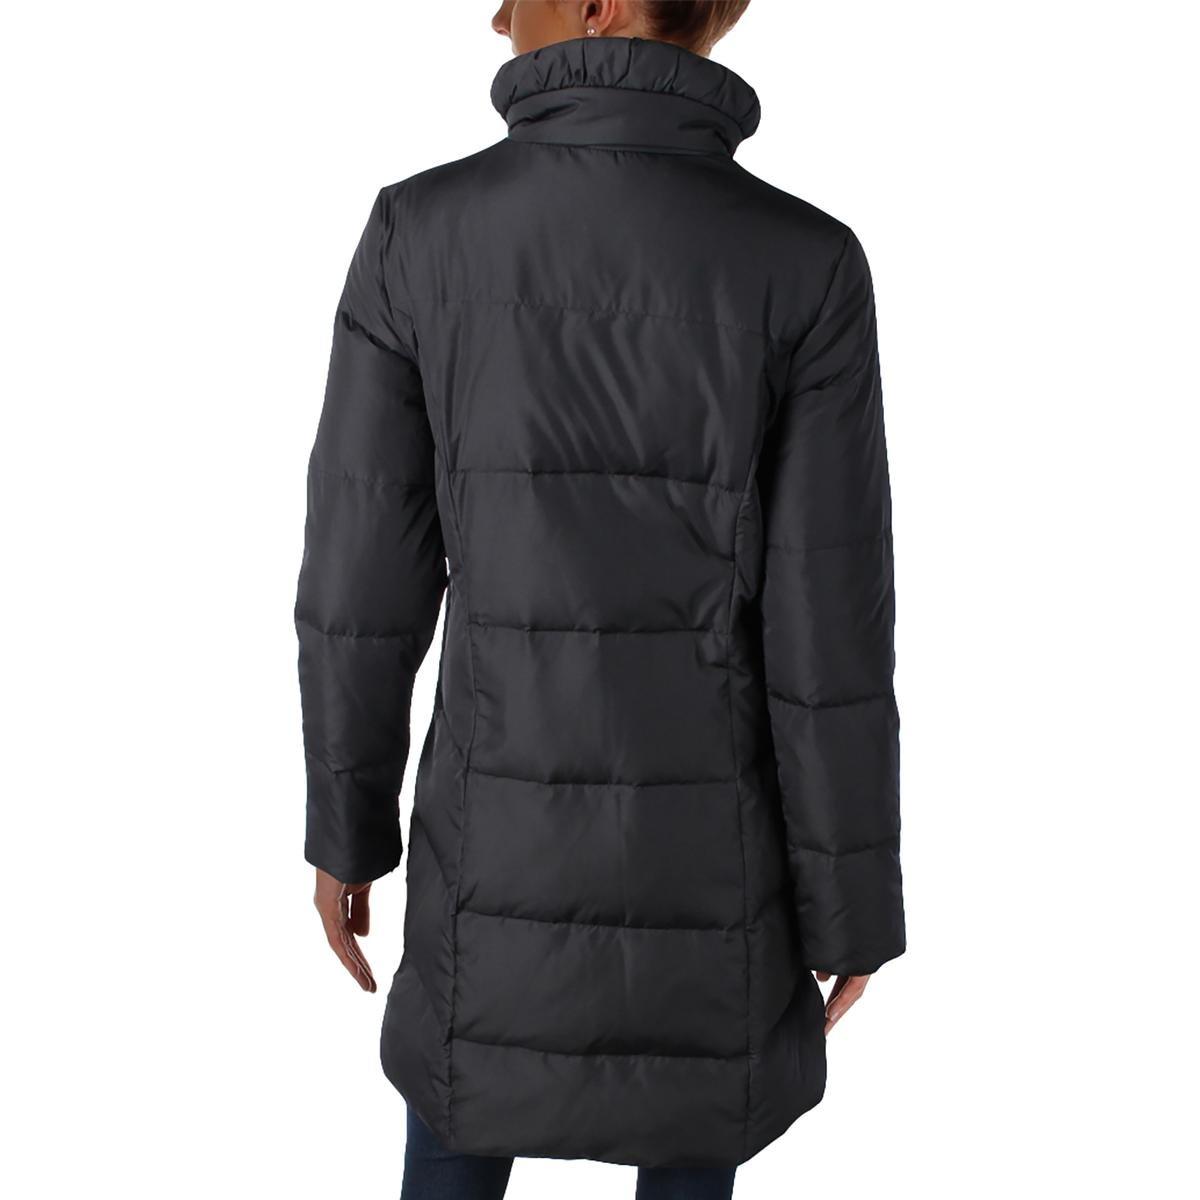 Ellen Tracy Womens Down Long Sleeves Coat Black S by Ellen Tracy (Image #2)